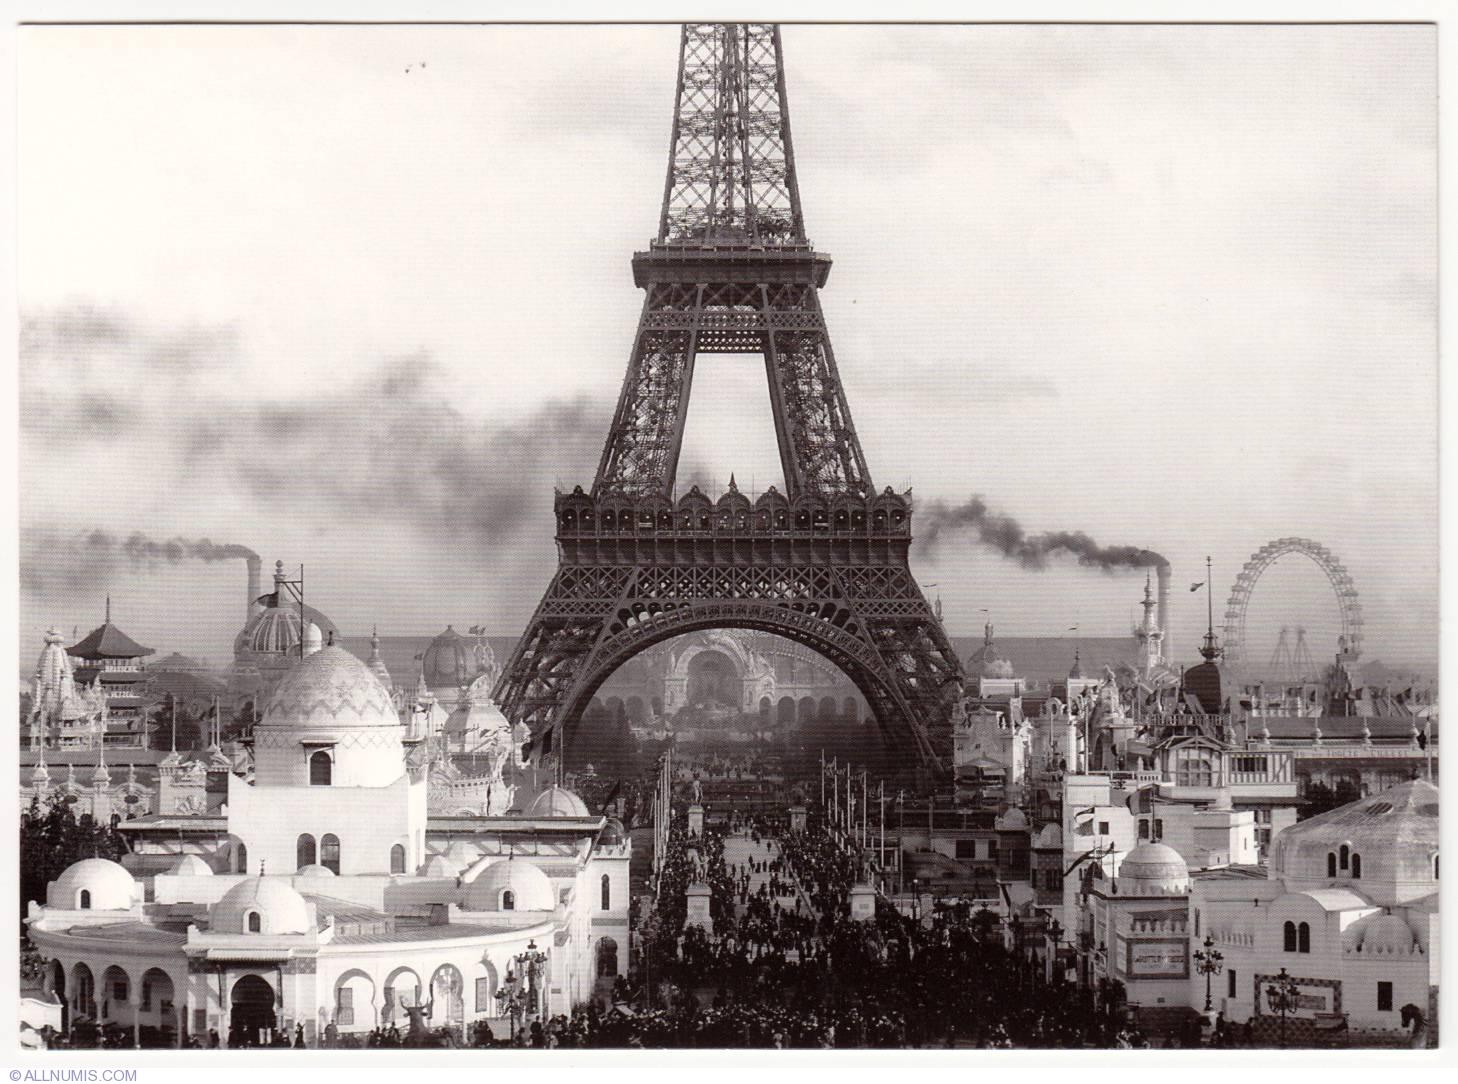 paris world fair 1900 1900 1969 paris and le de france. Black Bedroom Furniture Sets. Home Design Ideas